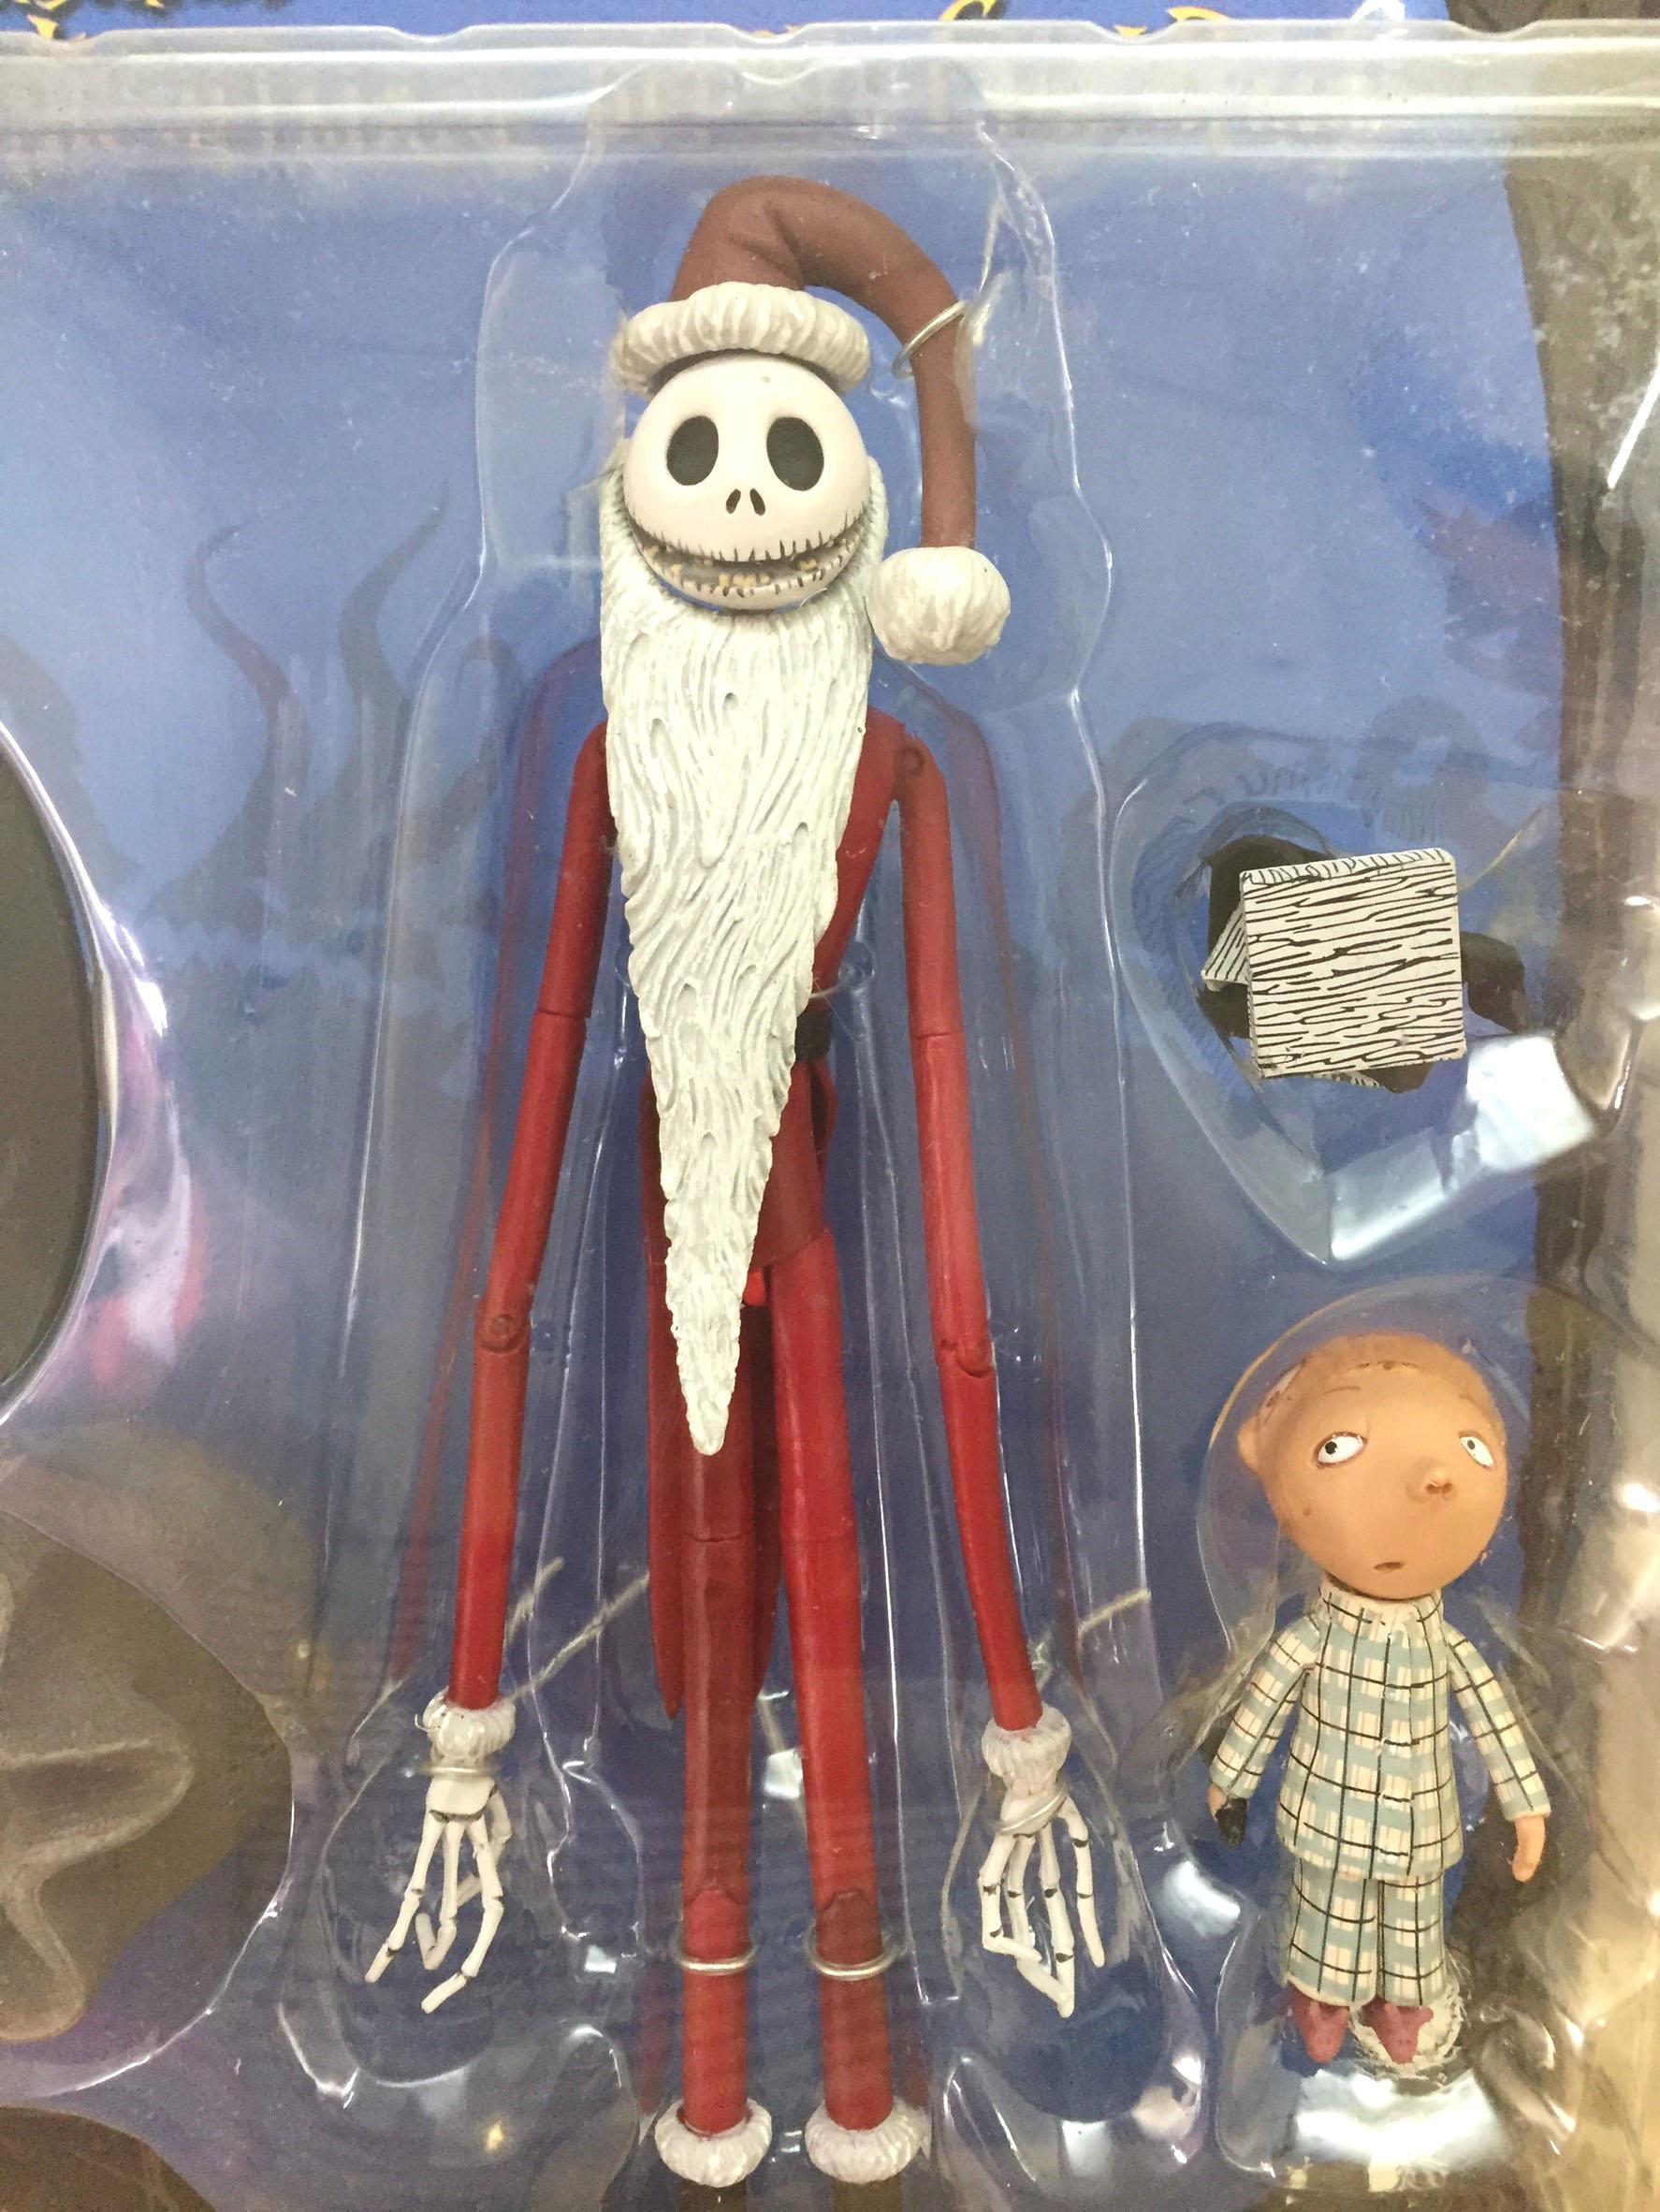 【真愛日本】5092600045 二代聖誕-JACK  聖誕傑克 聖誕夜驚魂 玩具 公仔 收藏 限量 絕版